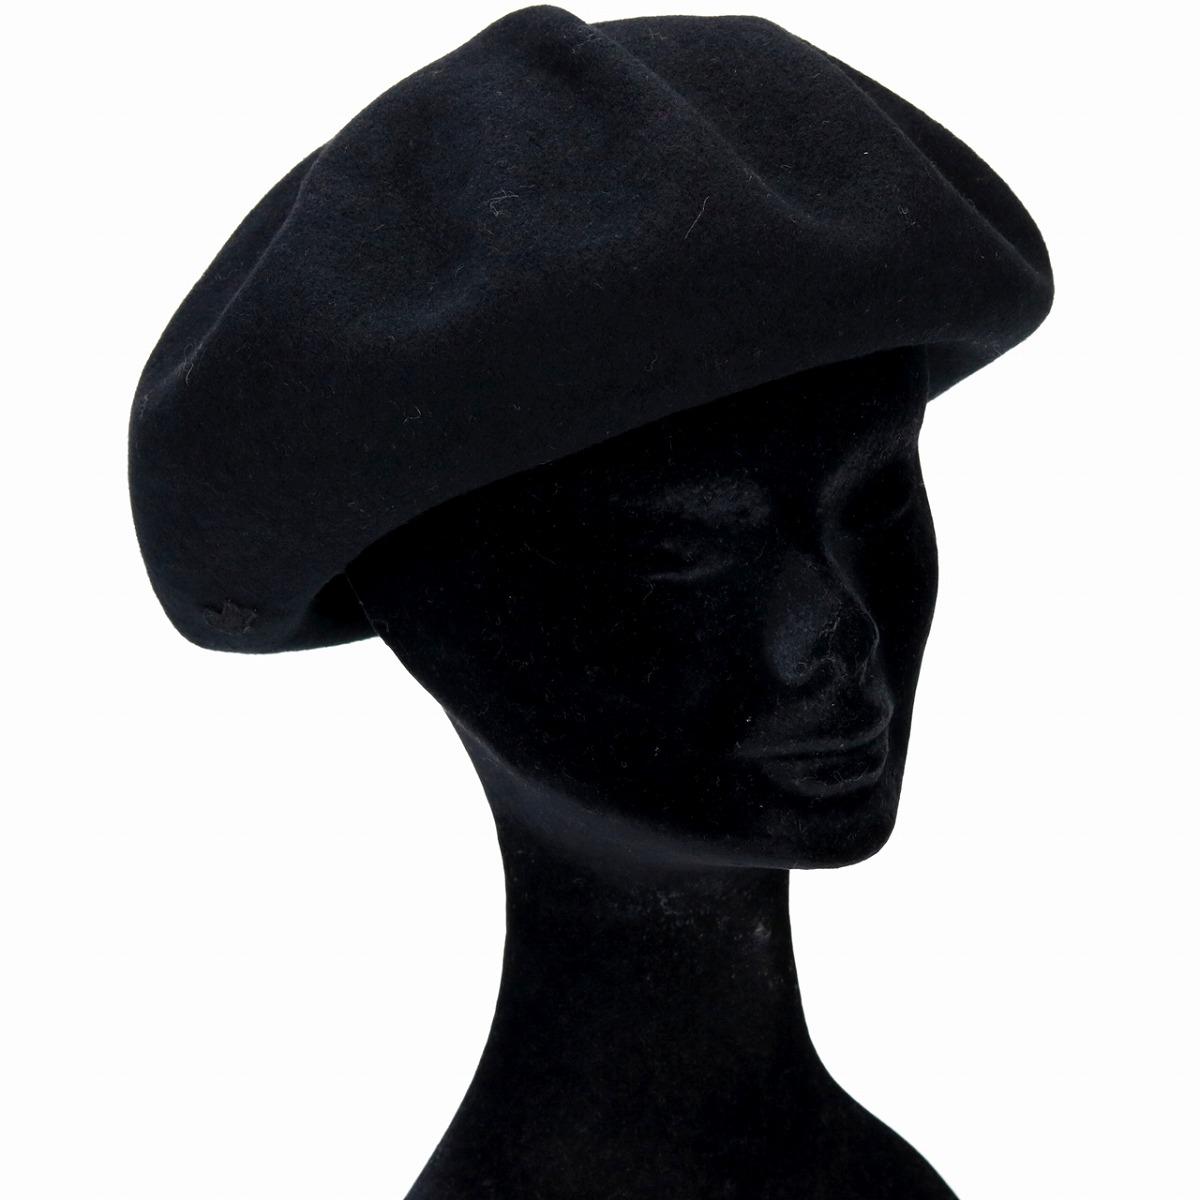 nouveaux produits chauds enfant recherche de véritables Lacoste beret men lacoste Basque beret Shin pull beret hat Lady's plain  fabric LACOSTE hat one point hair 100% 57cm size adjustment unisex casual  ...